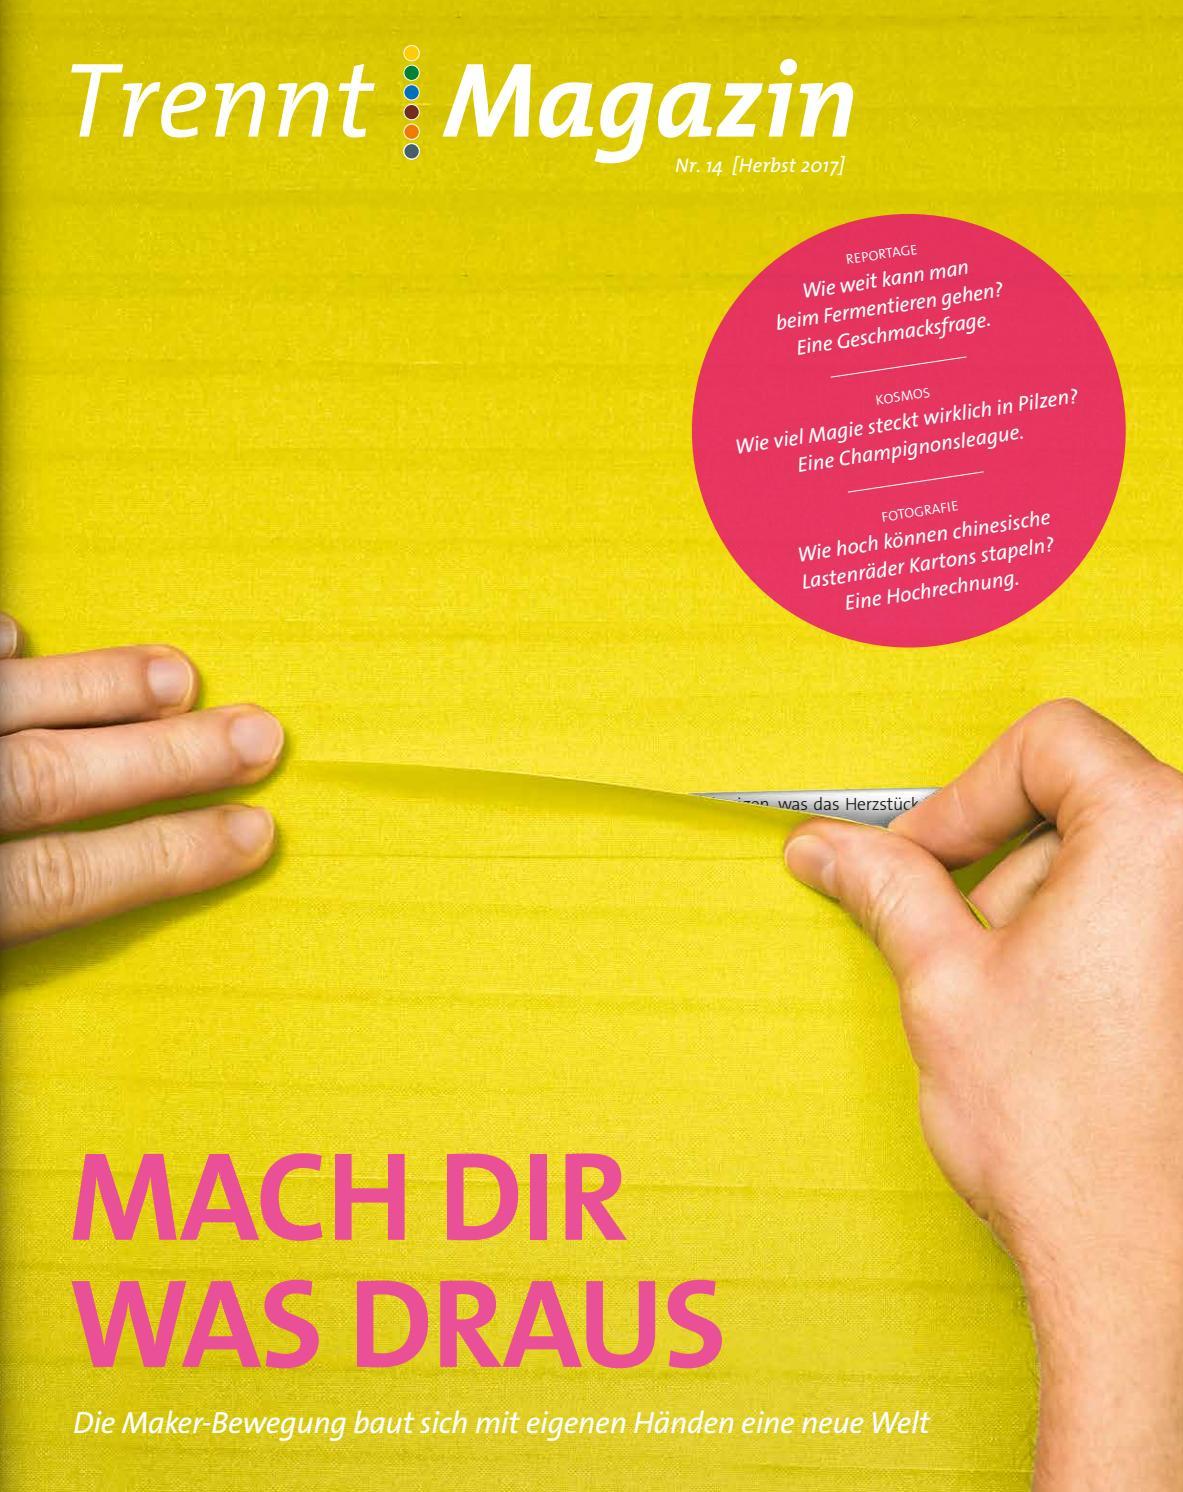 Trenntmagazin Trenntstadt Ausgabe Ausgabe 2017By Trenntmagazin Nr14herbst EDIY9H2W